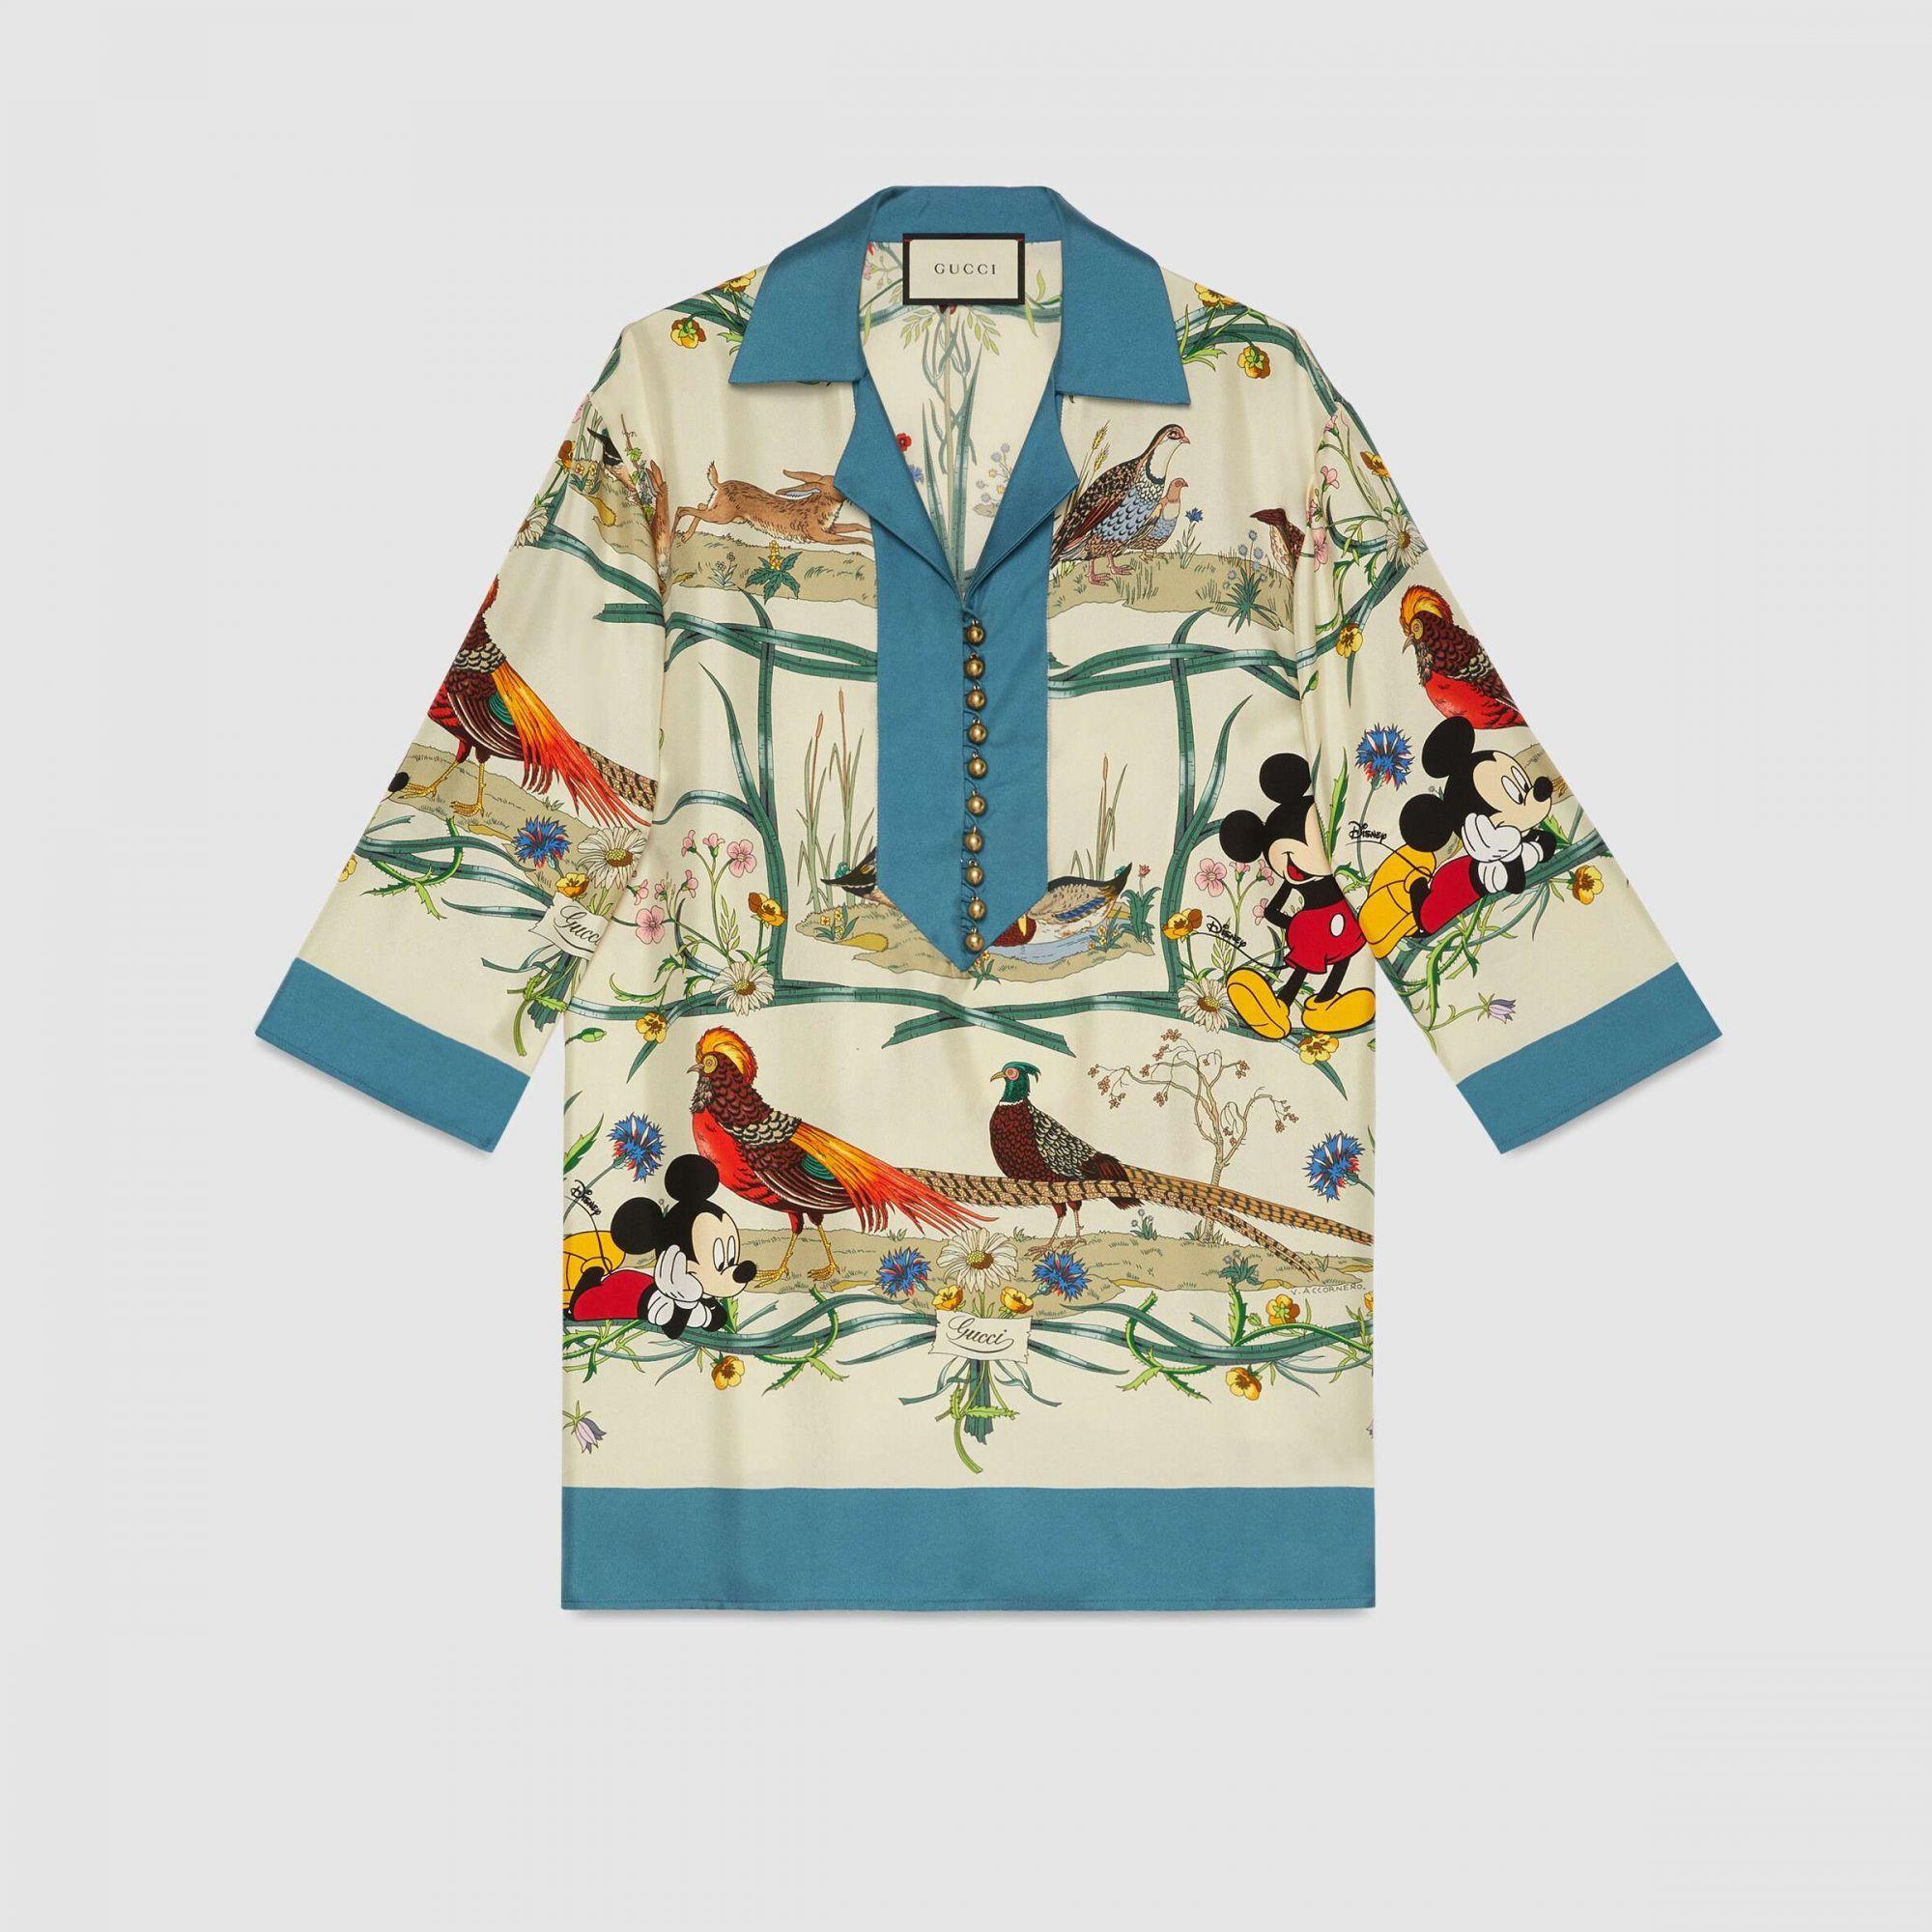 Camicia Gucci x Disney - Neomag.